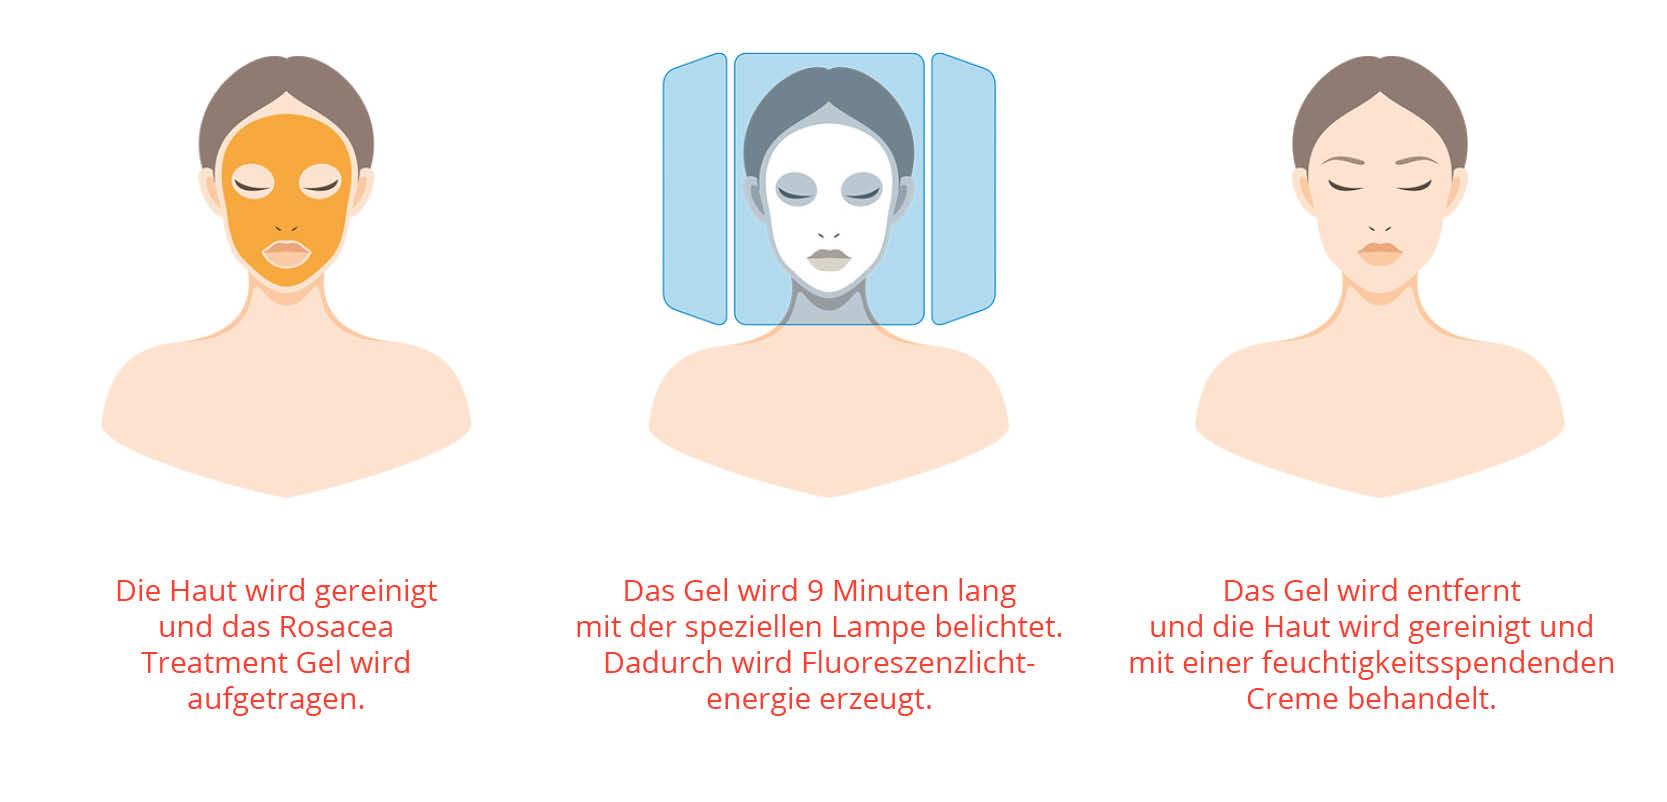 Ablauf Behandlung Rosacea - Nicht-invasive biophotonische Gesichtsbehandlung